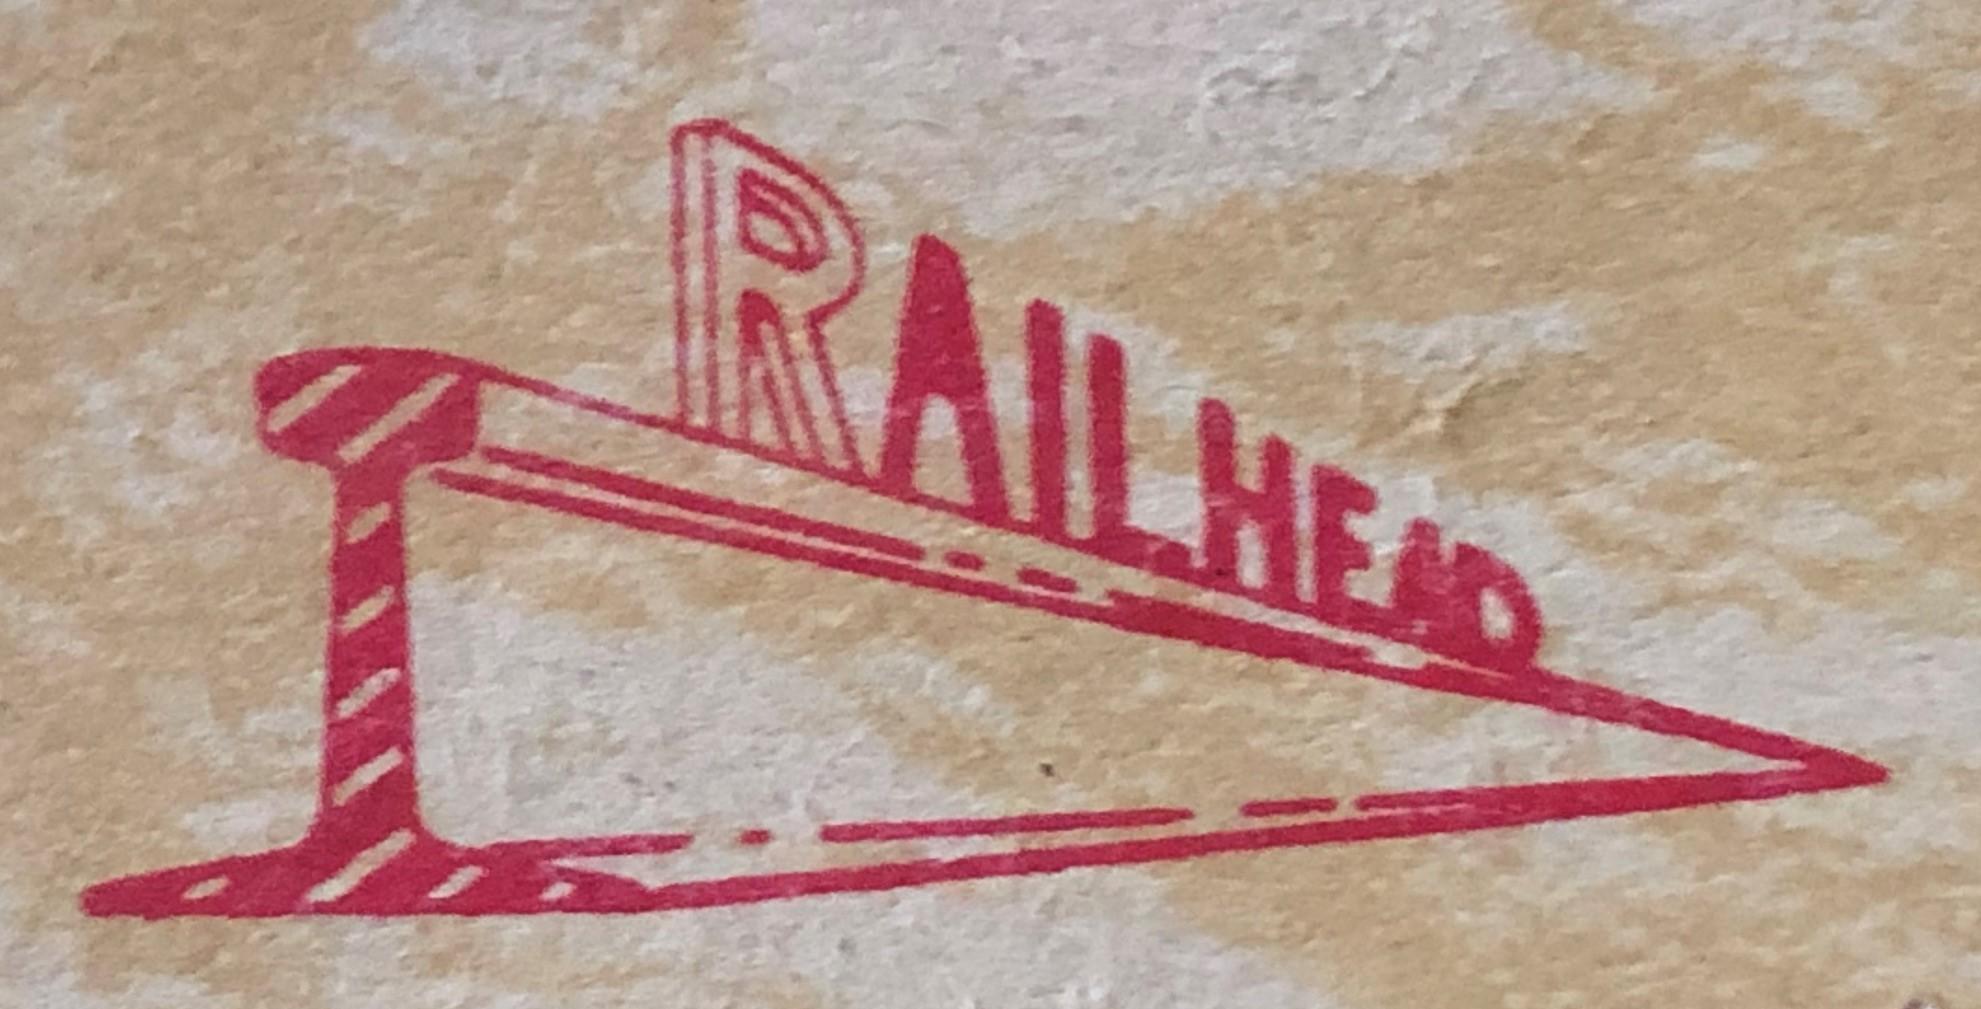 Toymaker - Railhead